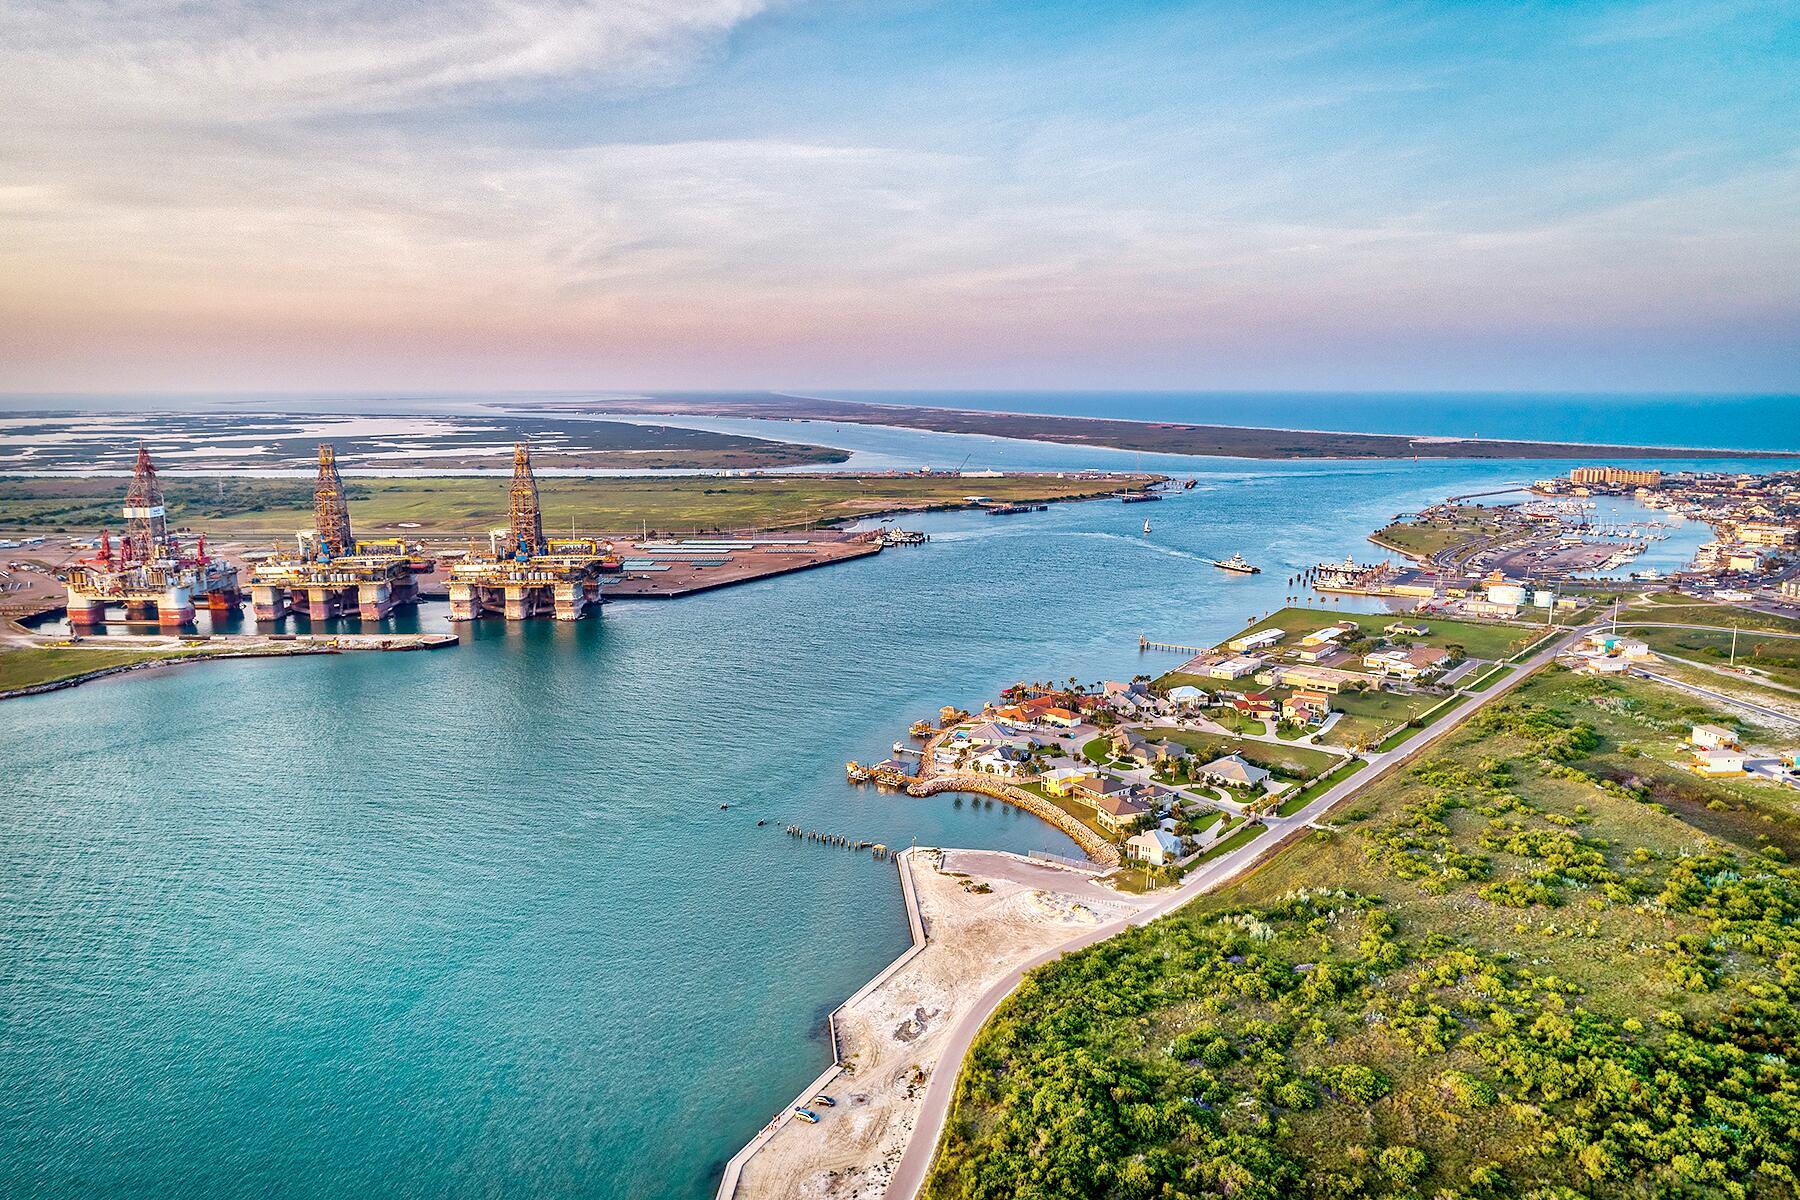 Port Aransas - A Weekend Getaway In Texas